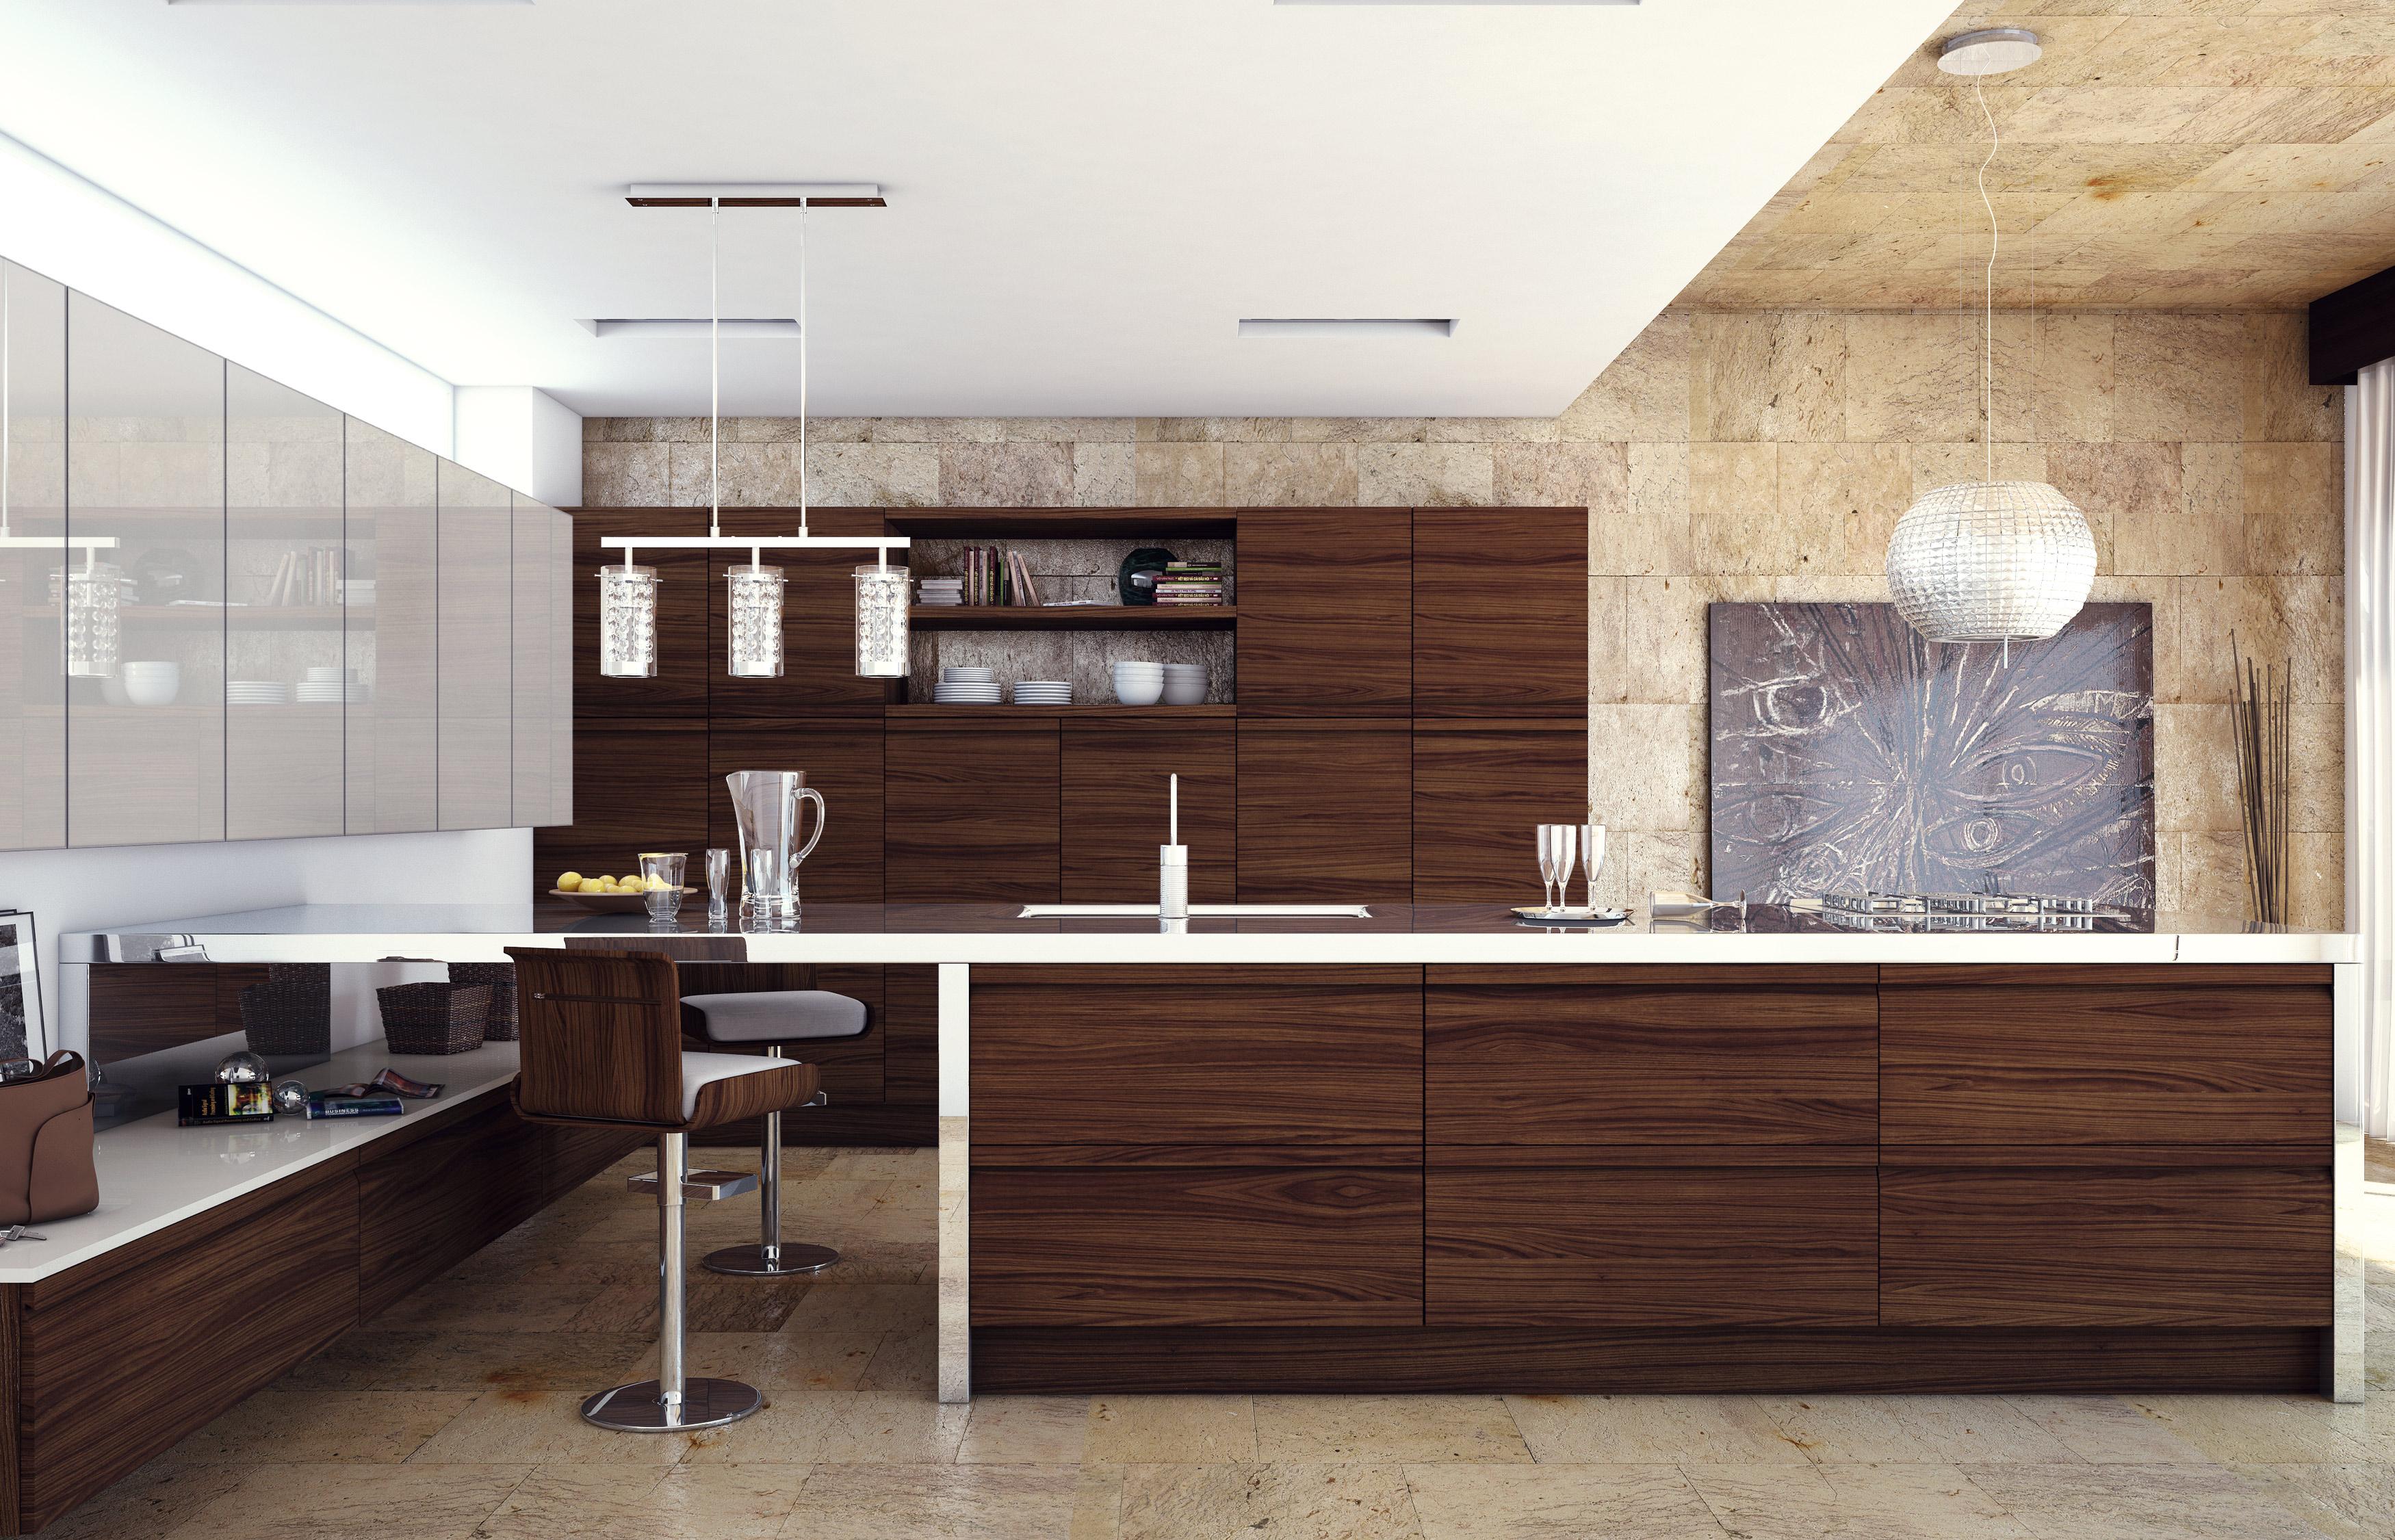 3 column text muebles de cocina y ba o online en madrid - Muebles de cocina online ...